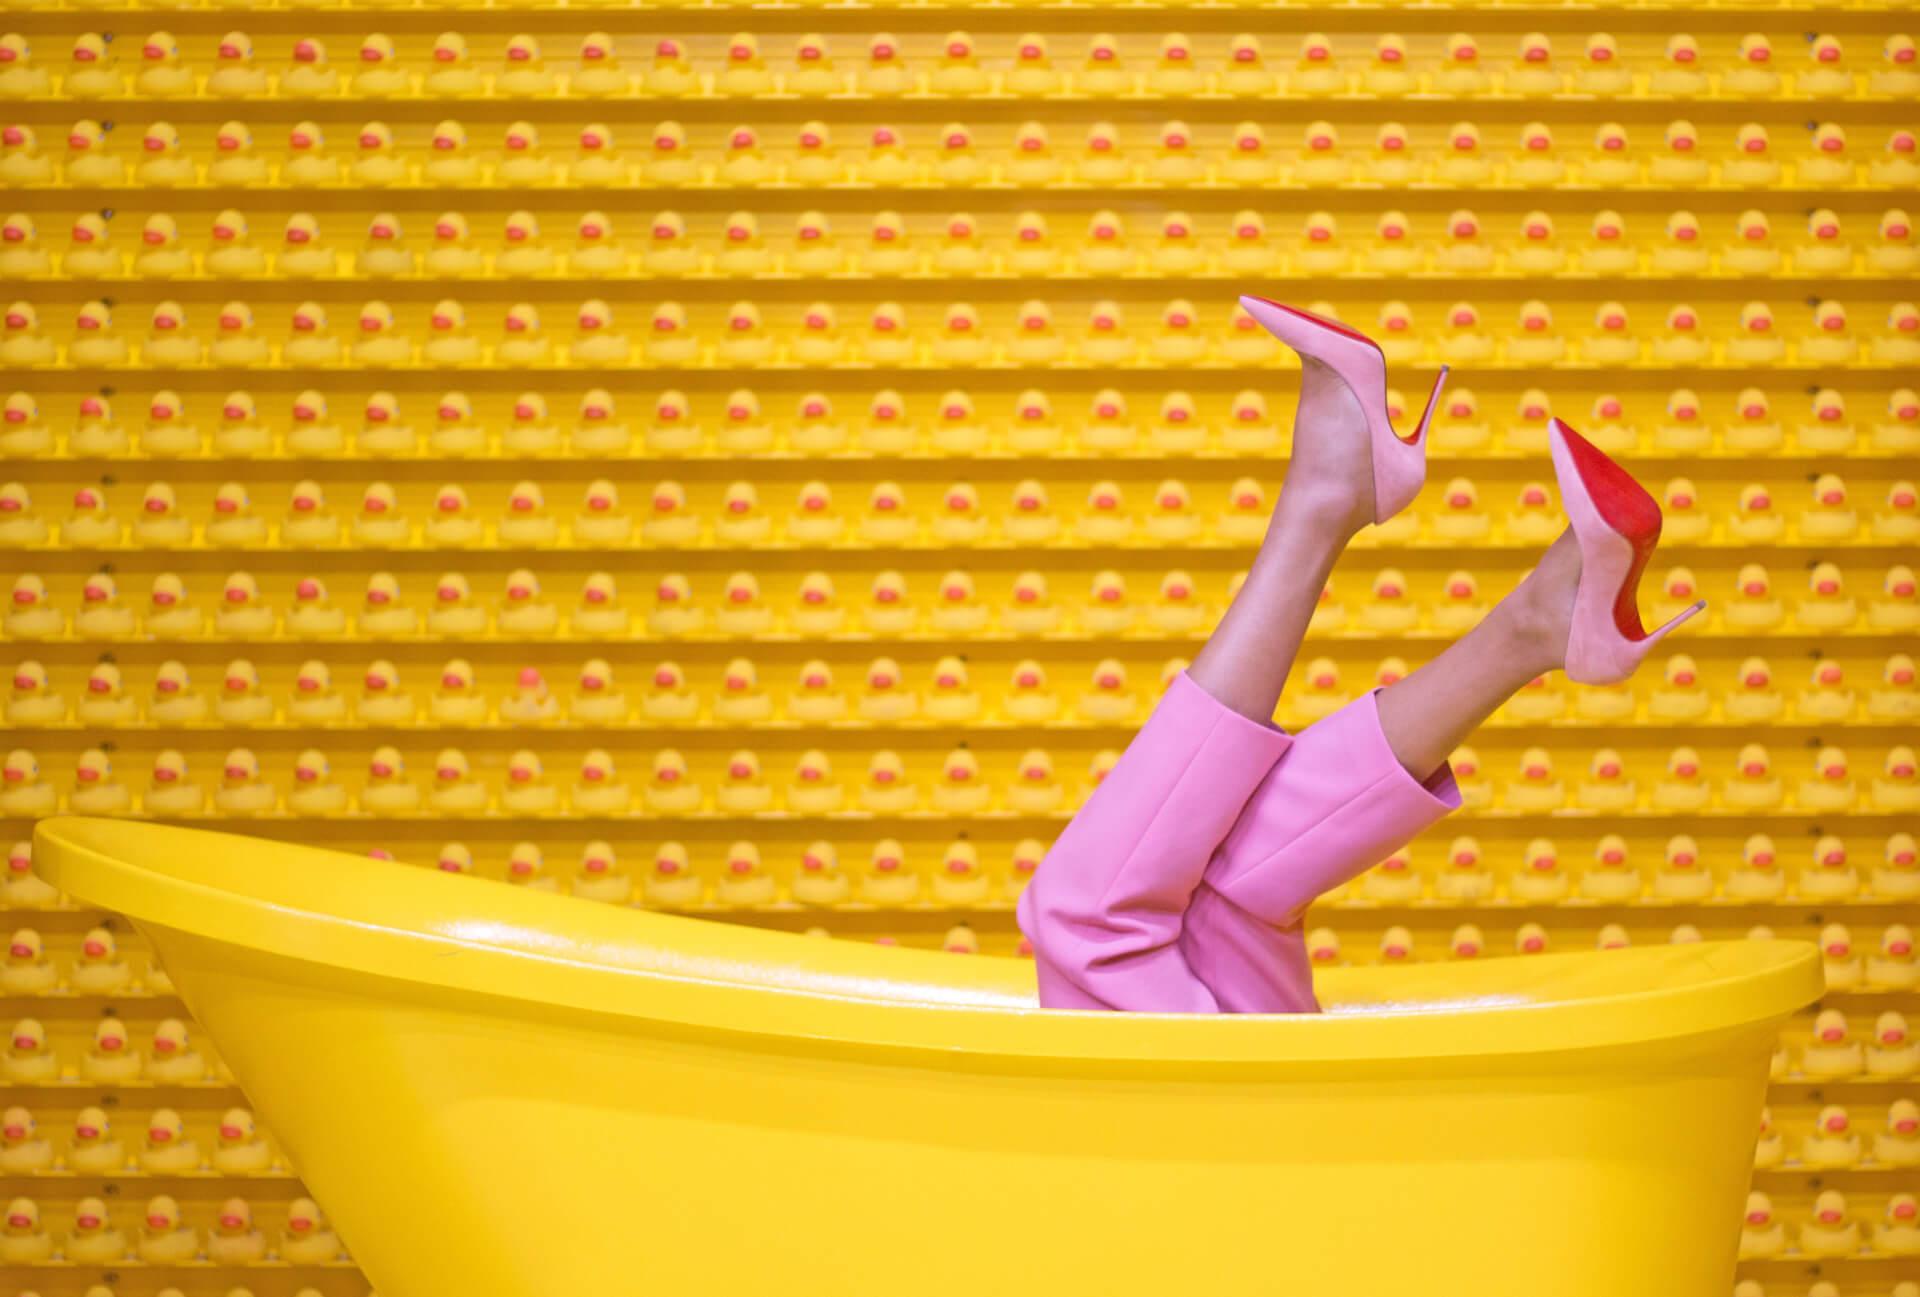 Журналістський експеримент: Як свідомо позбутися одягу в шафі і водночас бути стильною. Частина перша